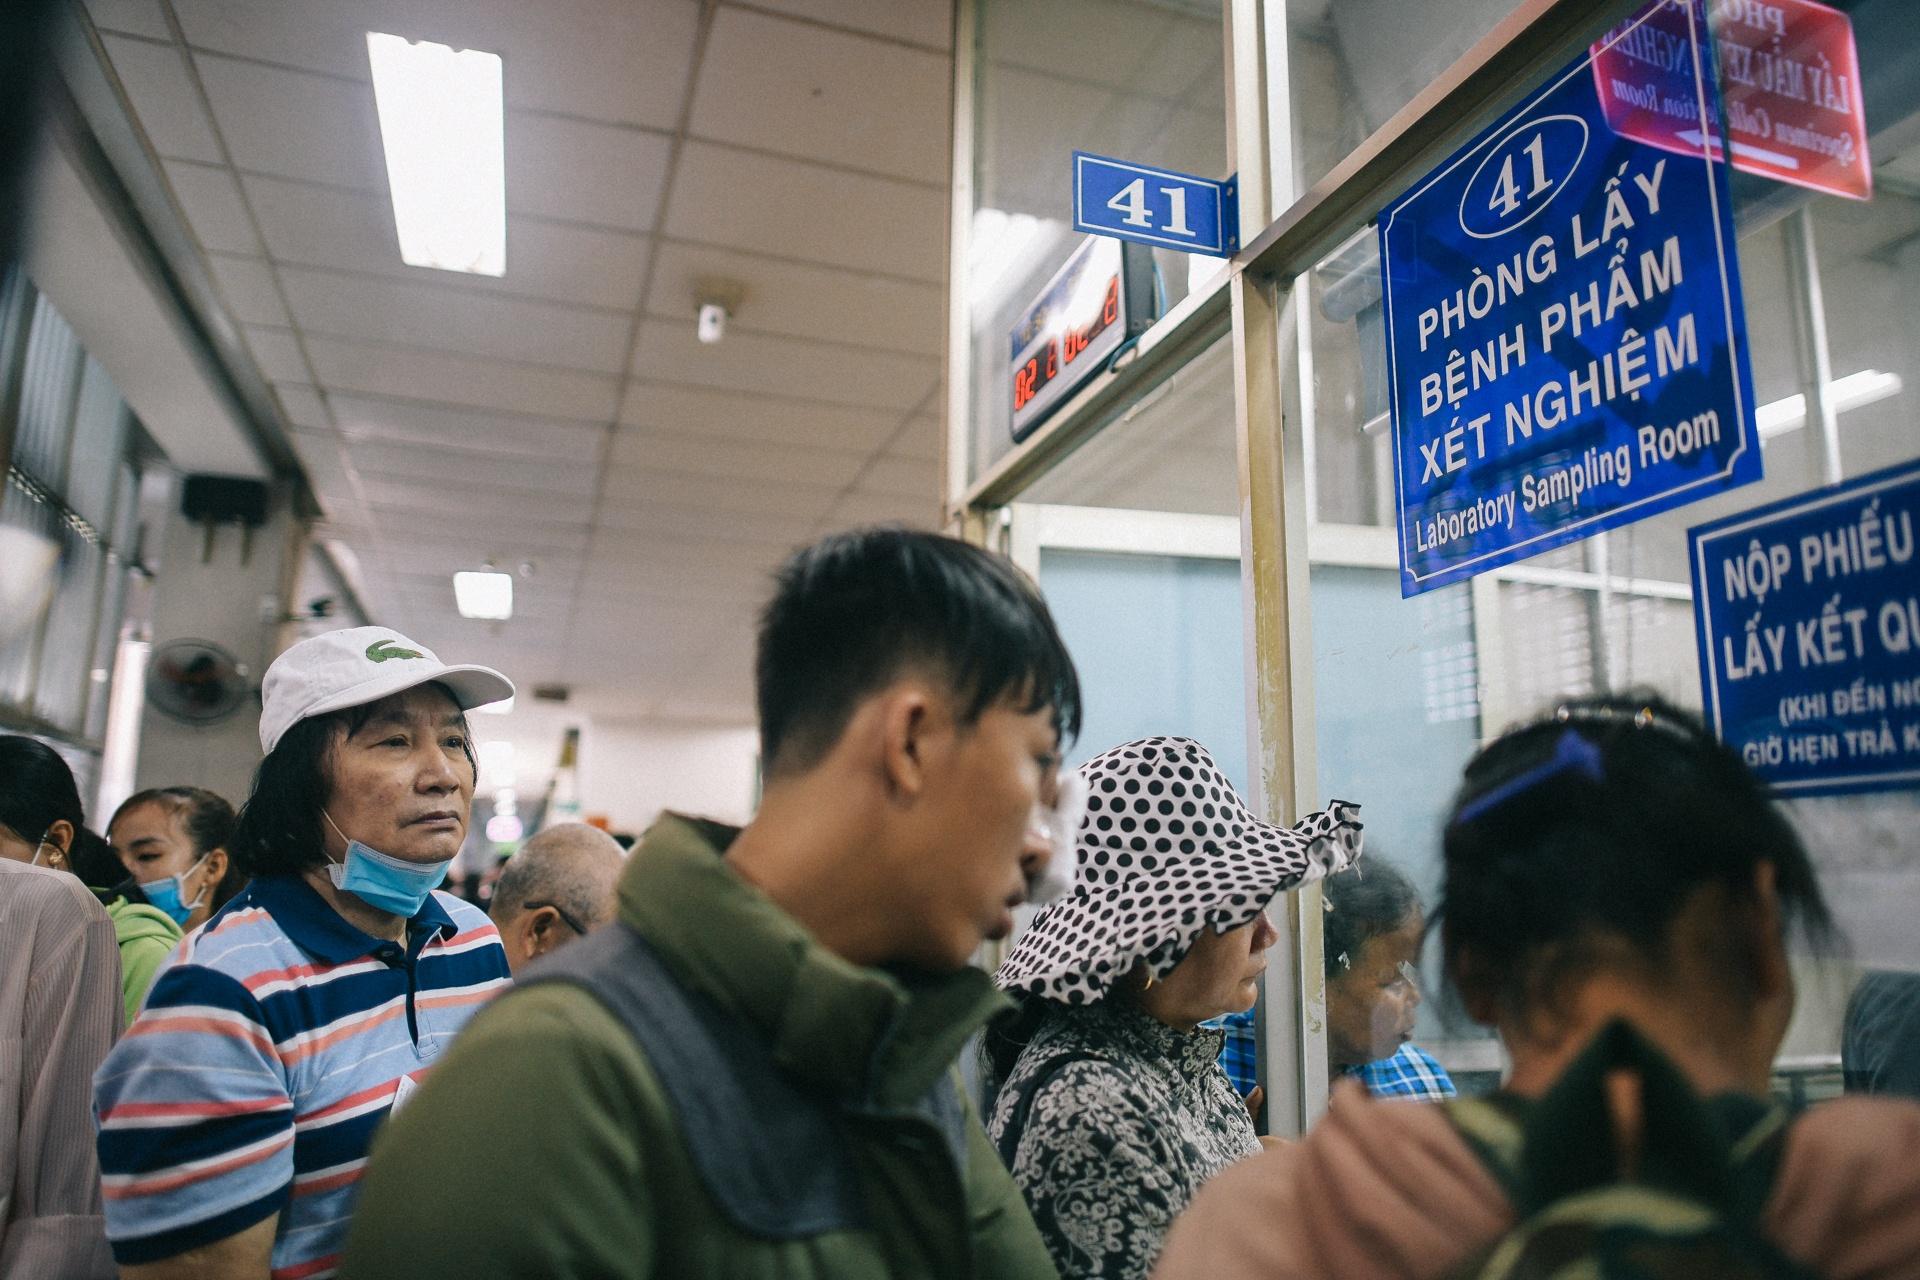 NSND Minh Vuong: 'Toi hoi sinh nho ghep than cua mot chang trai tre' hinh anh 3